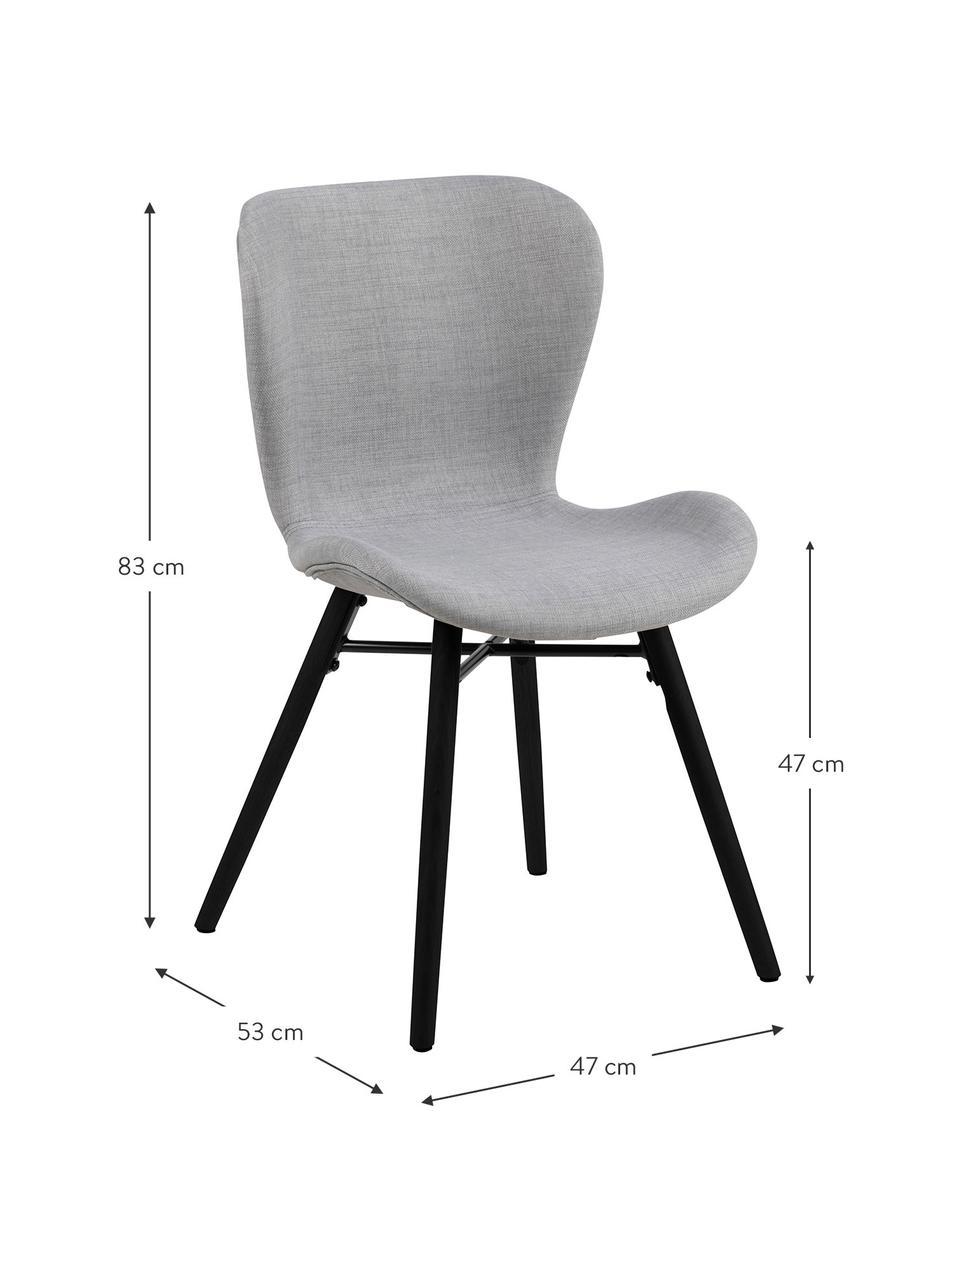 Krzesło tapicerowane Batilda, 2 szt., Tapicerka: 100% poliester, Nogi: drewno kauczukowe, powlek, Jasny szary, czarny, S 47 x G 53 cm